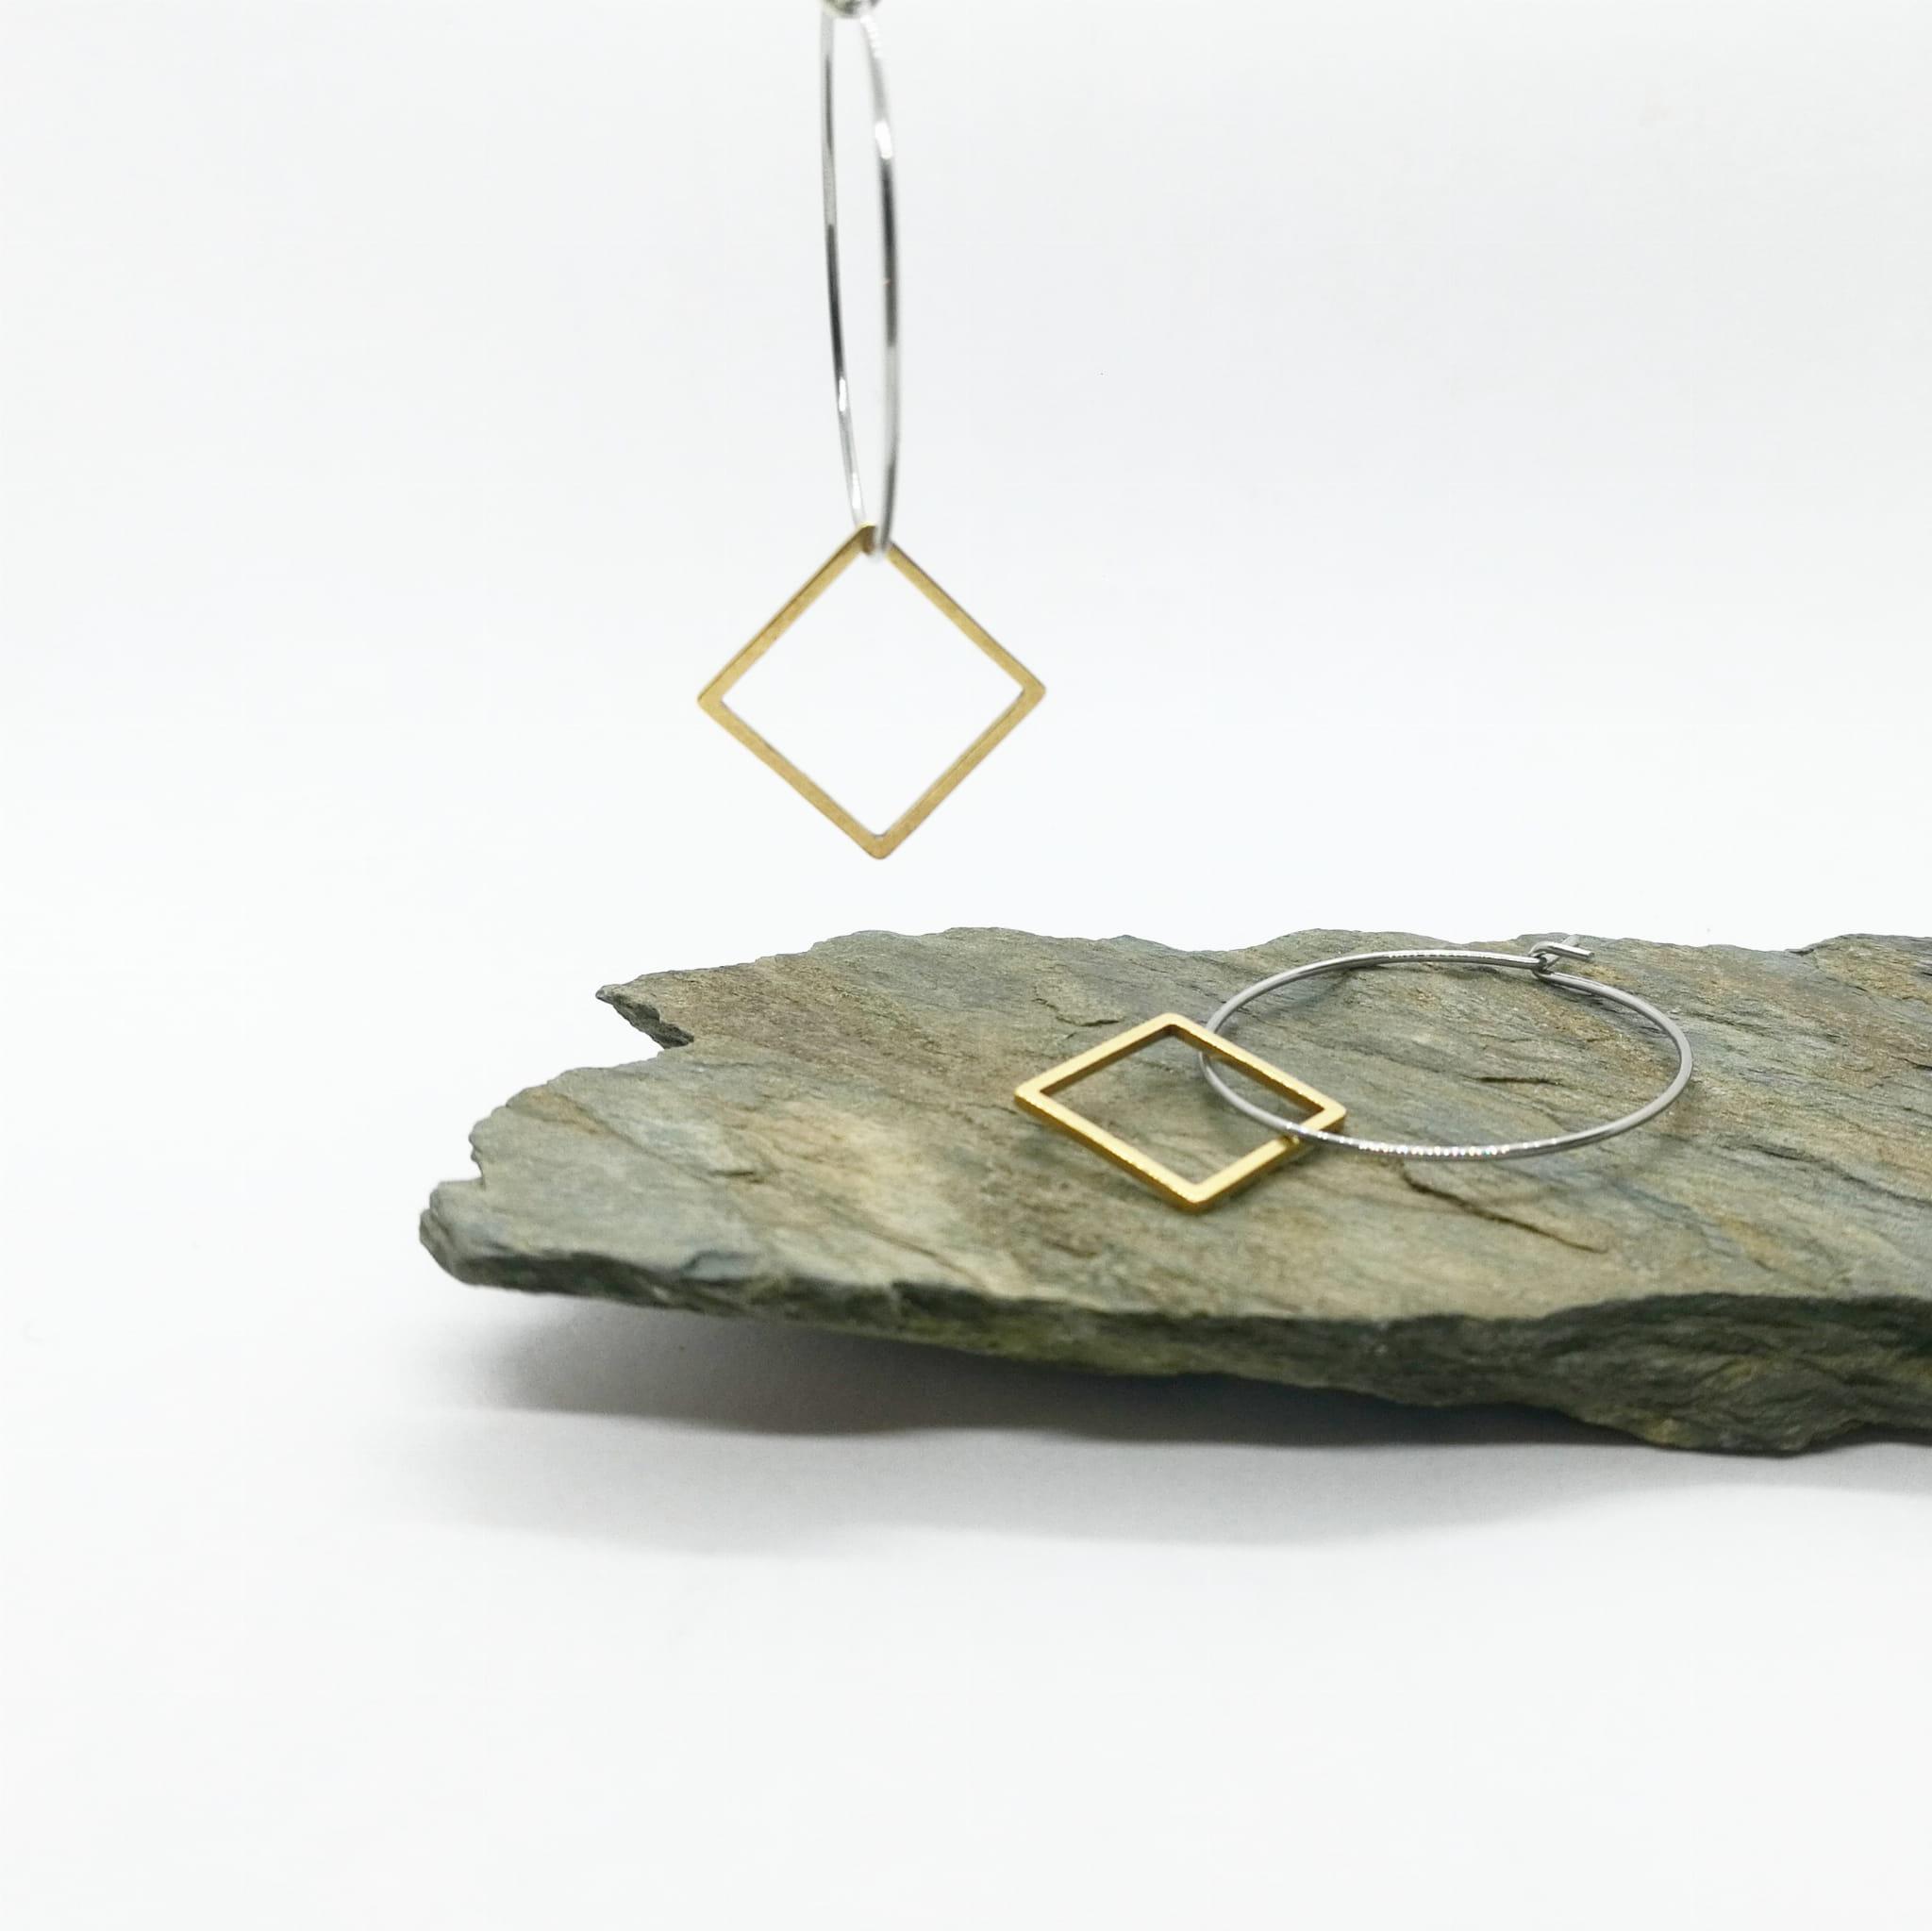 Kolczyki Glam, Koła z kwadratem - Glam by Biżu ARTeria